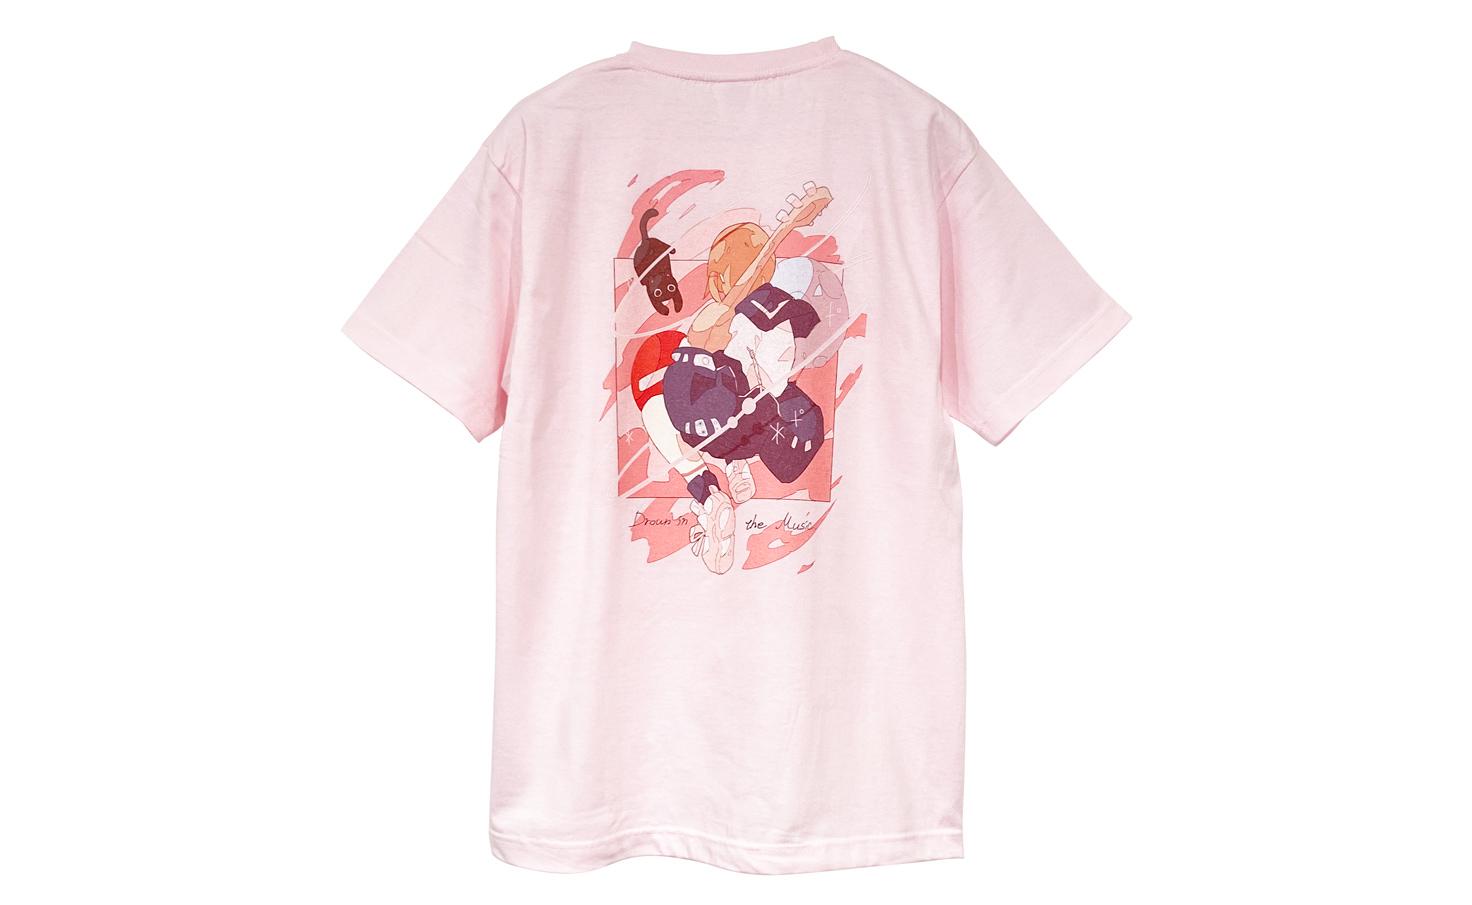 音楽に溺れる_Pink_Tシャツ